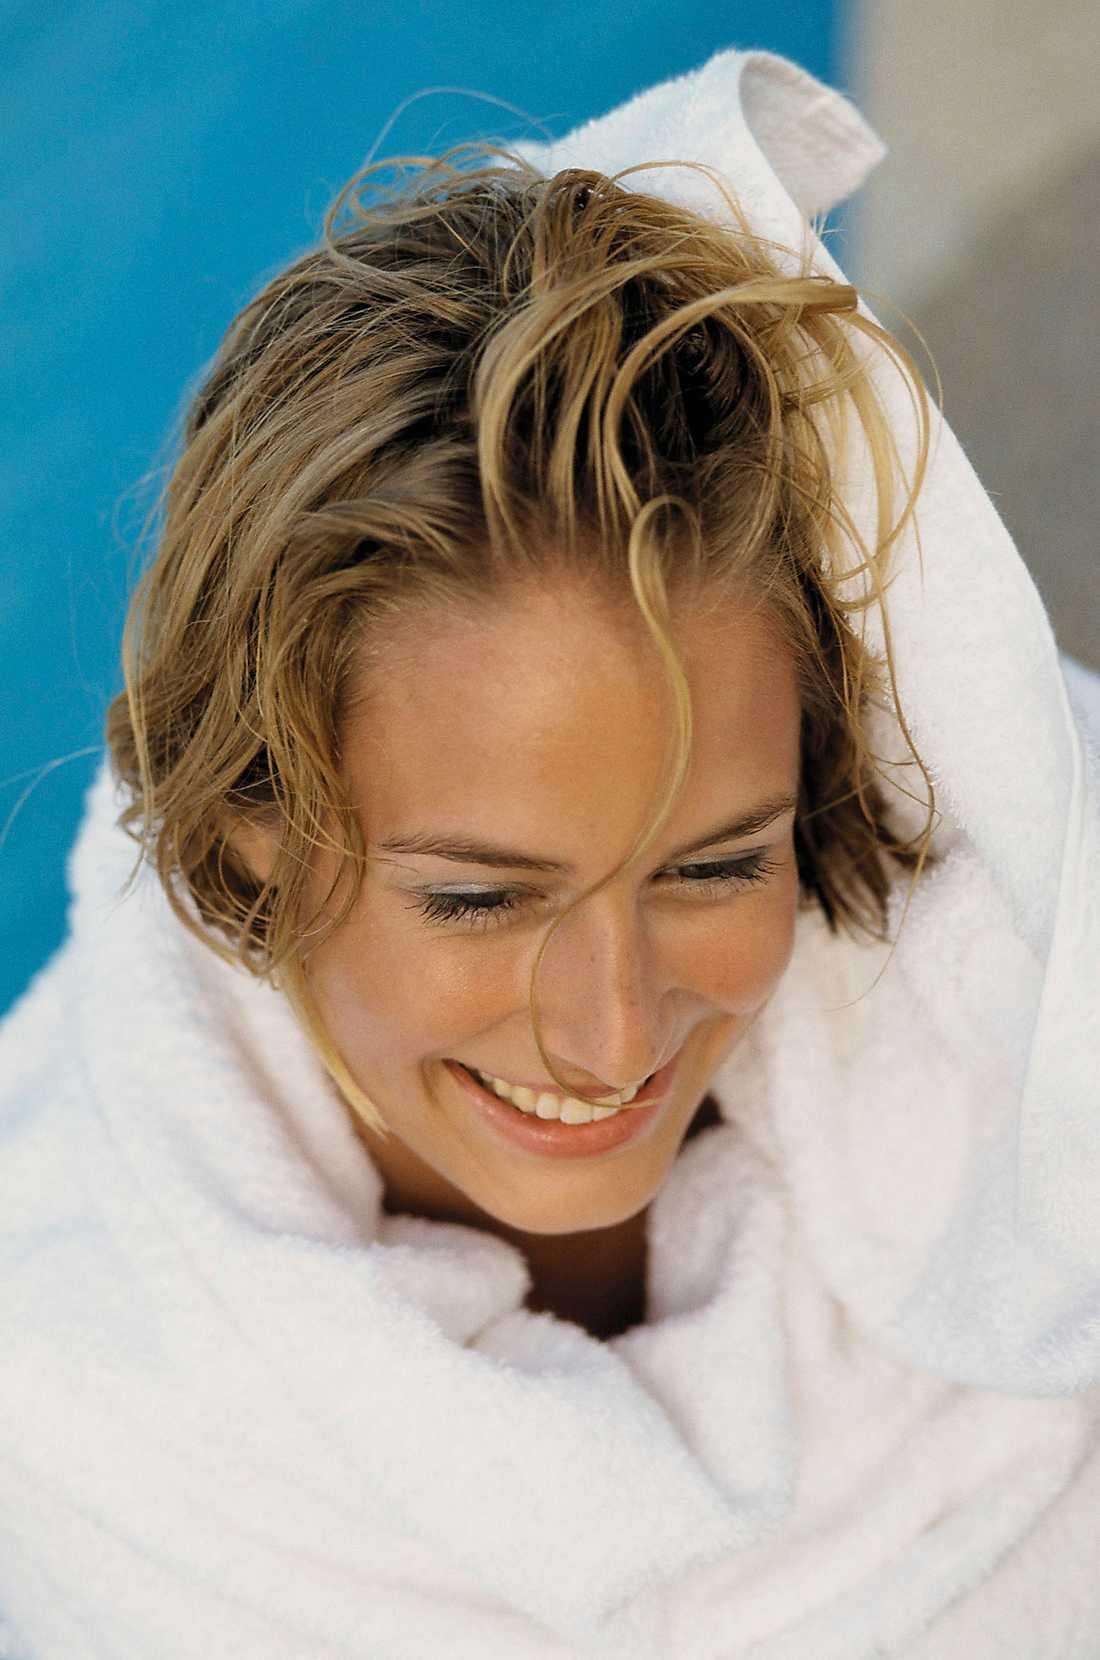 Överdoserade du håroljan? Släng fram handduken!